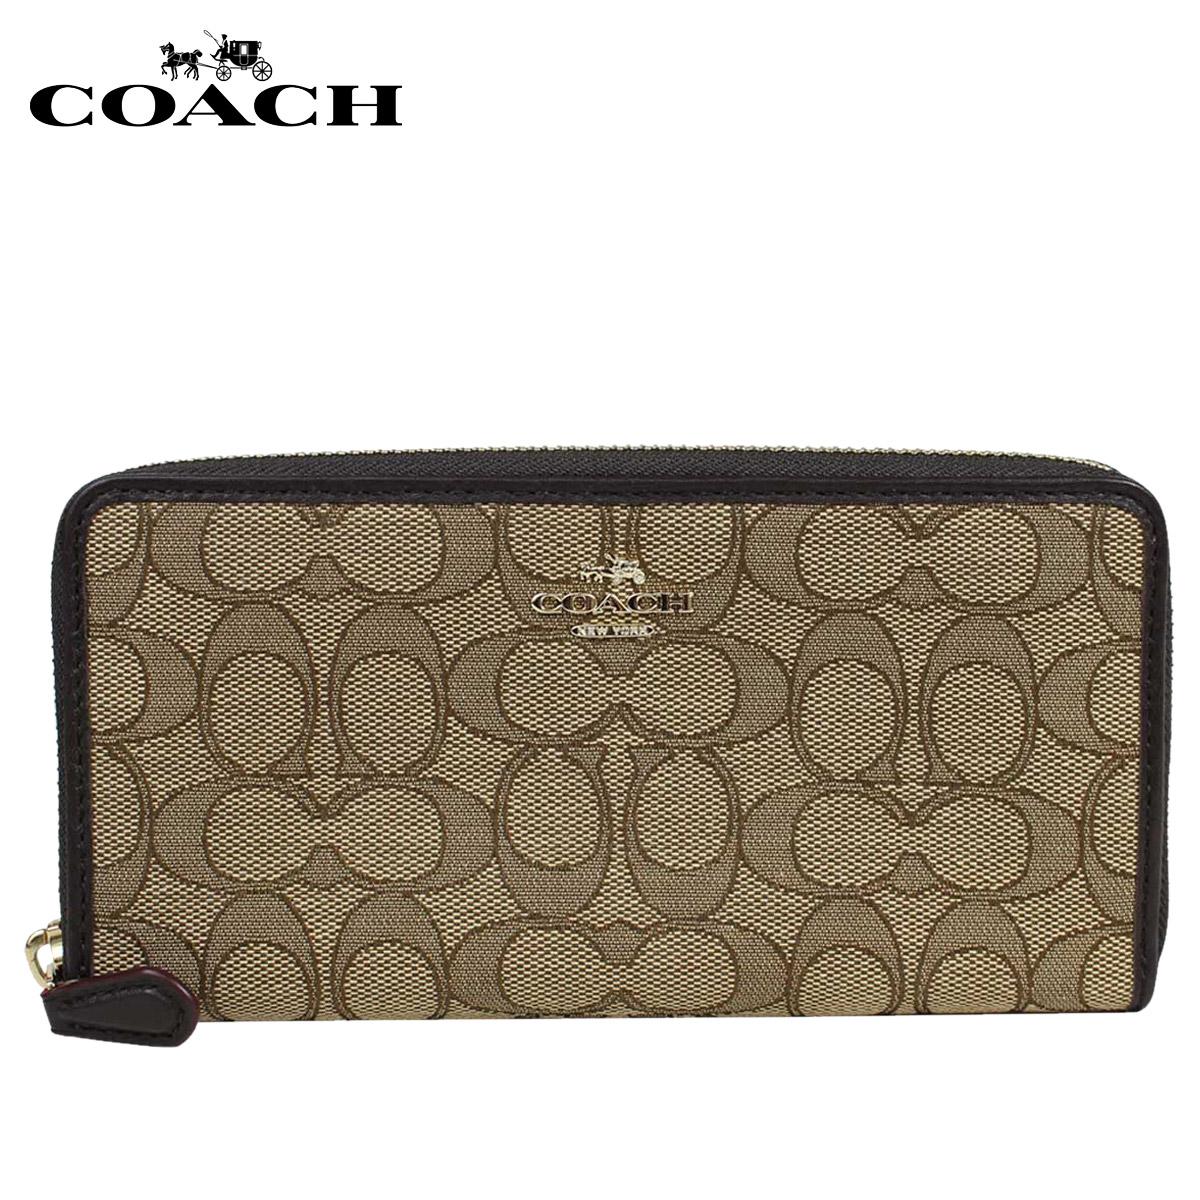 COACH コーチ 財布 長財布 F54633 カーキ×ブラウン レディース